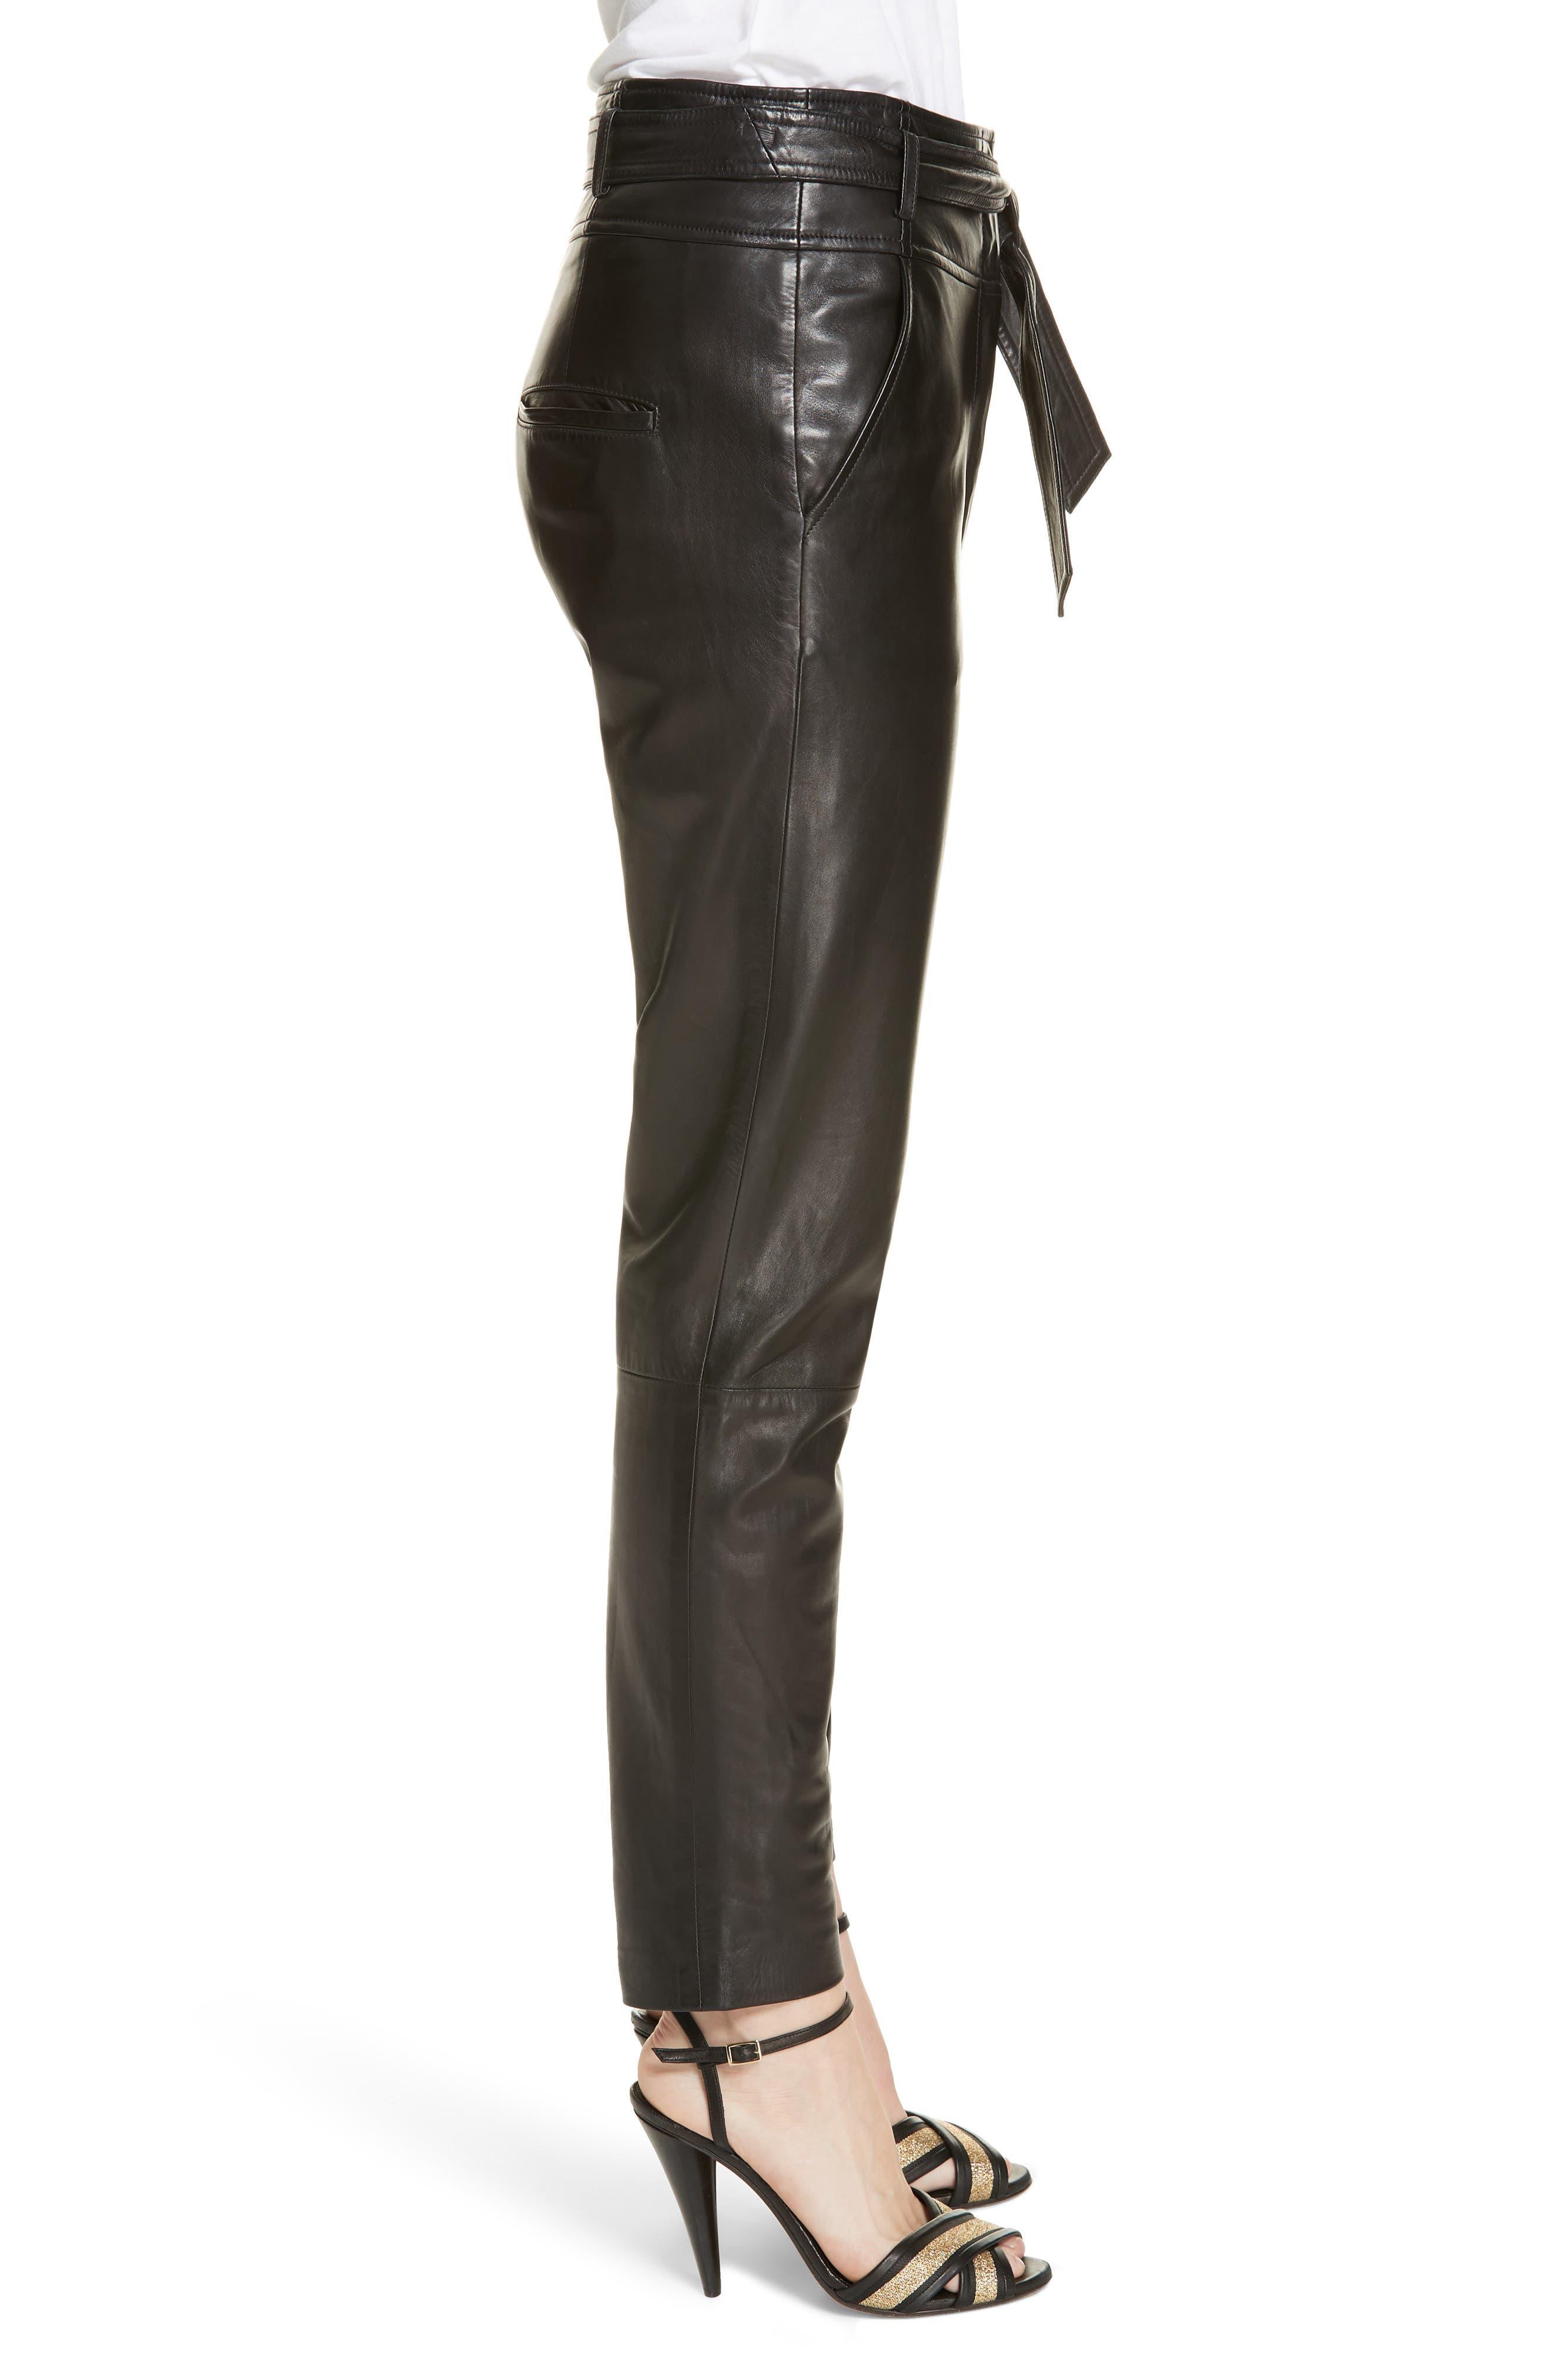 Faxon Leather Pants,                             Alternate thumbnail 3, color,                             BLACK